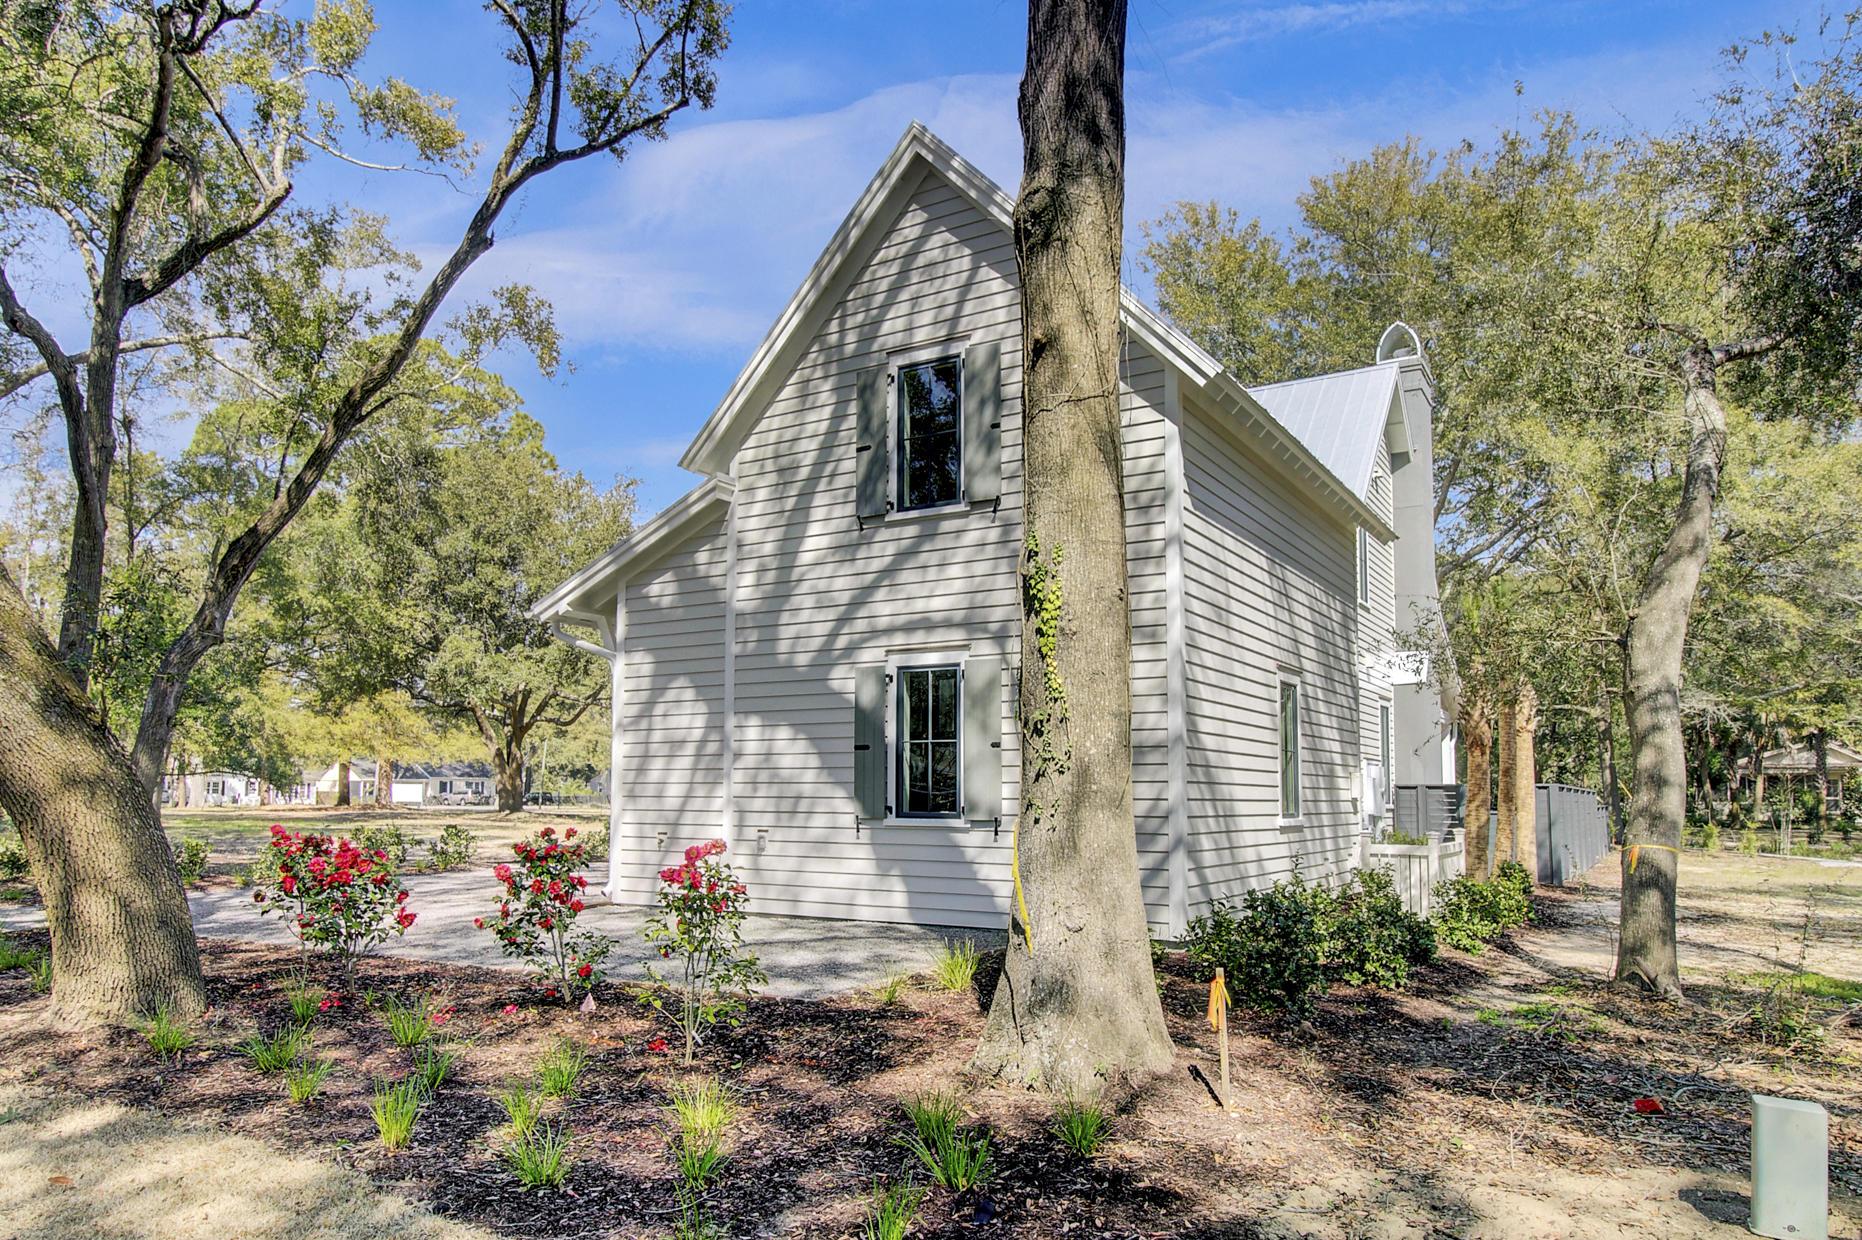 Old Mt Pleasant Homes For Sale - 1416 Jackson, Mount Pleasant, SC - 61